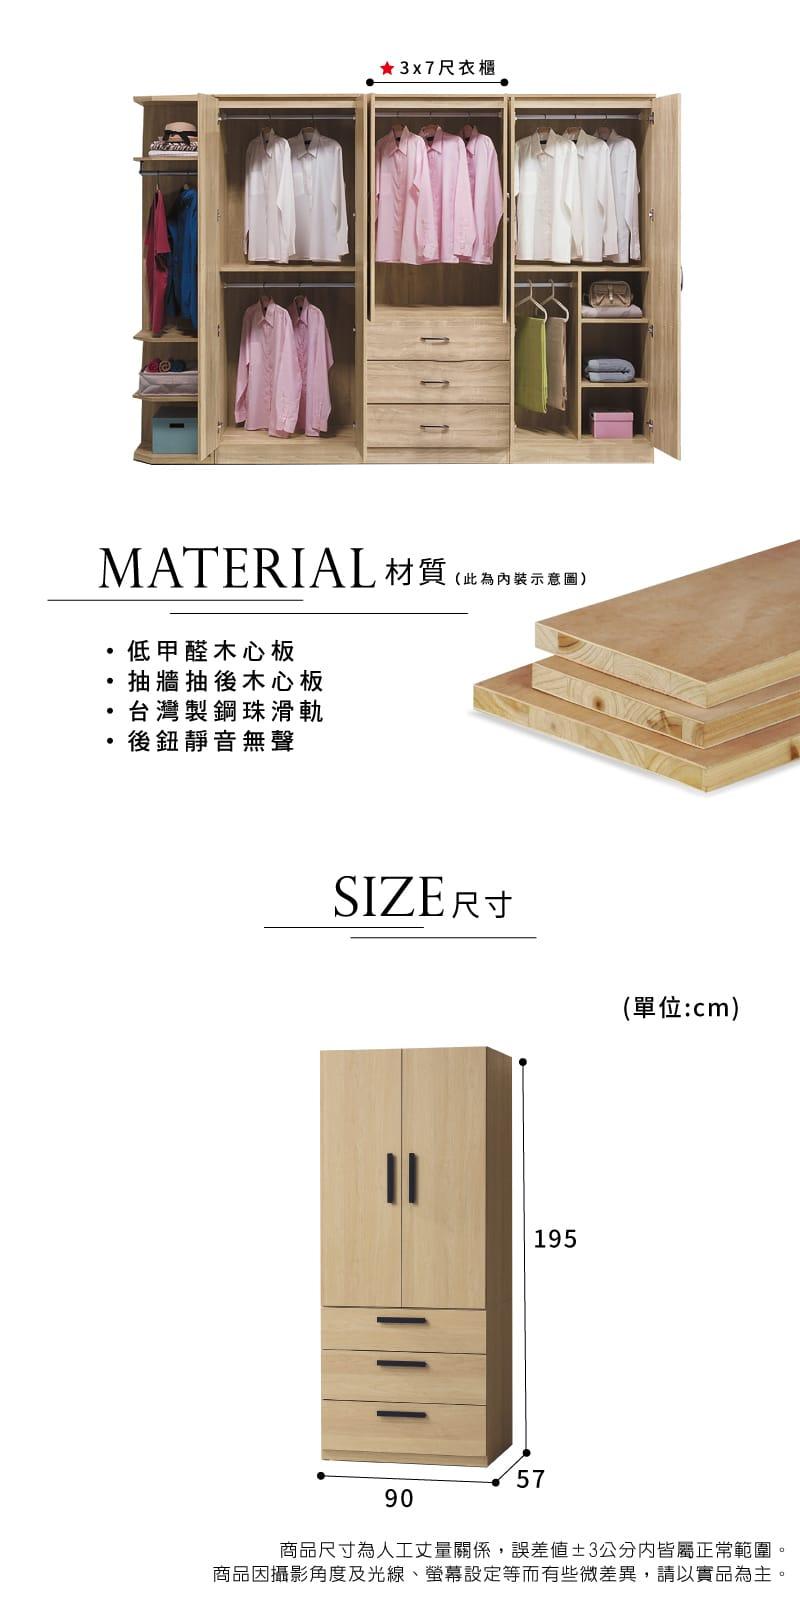 拉門收納置物衣櫃 寬90cm【威特】